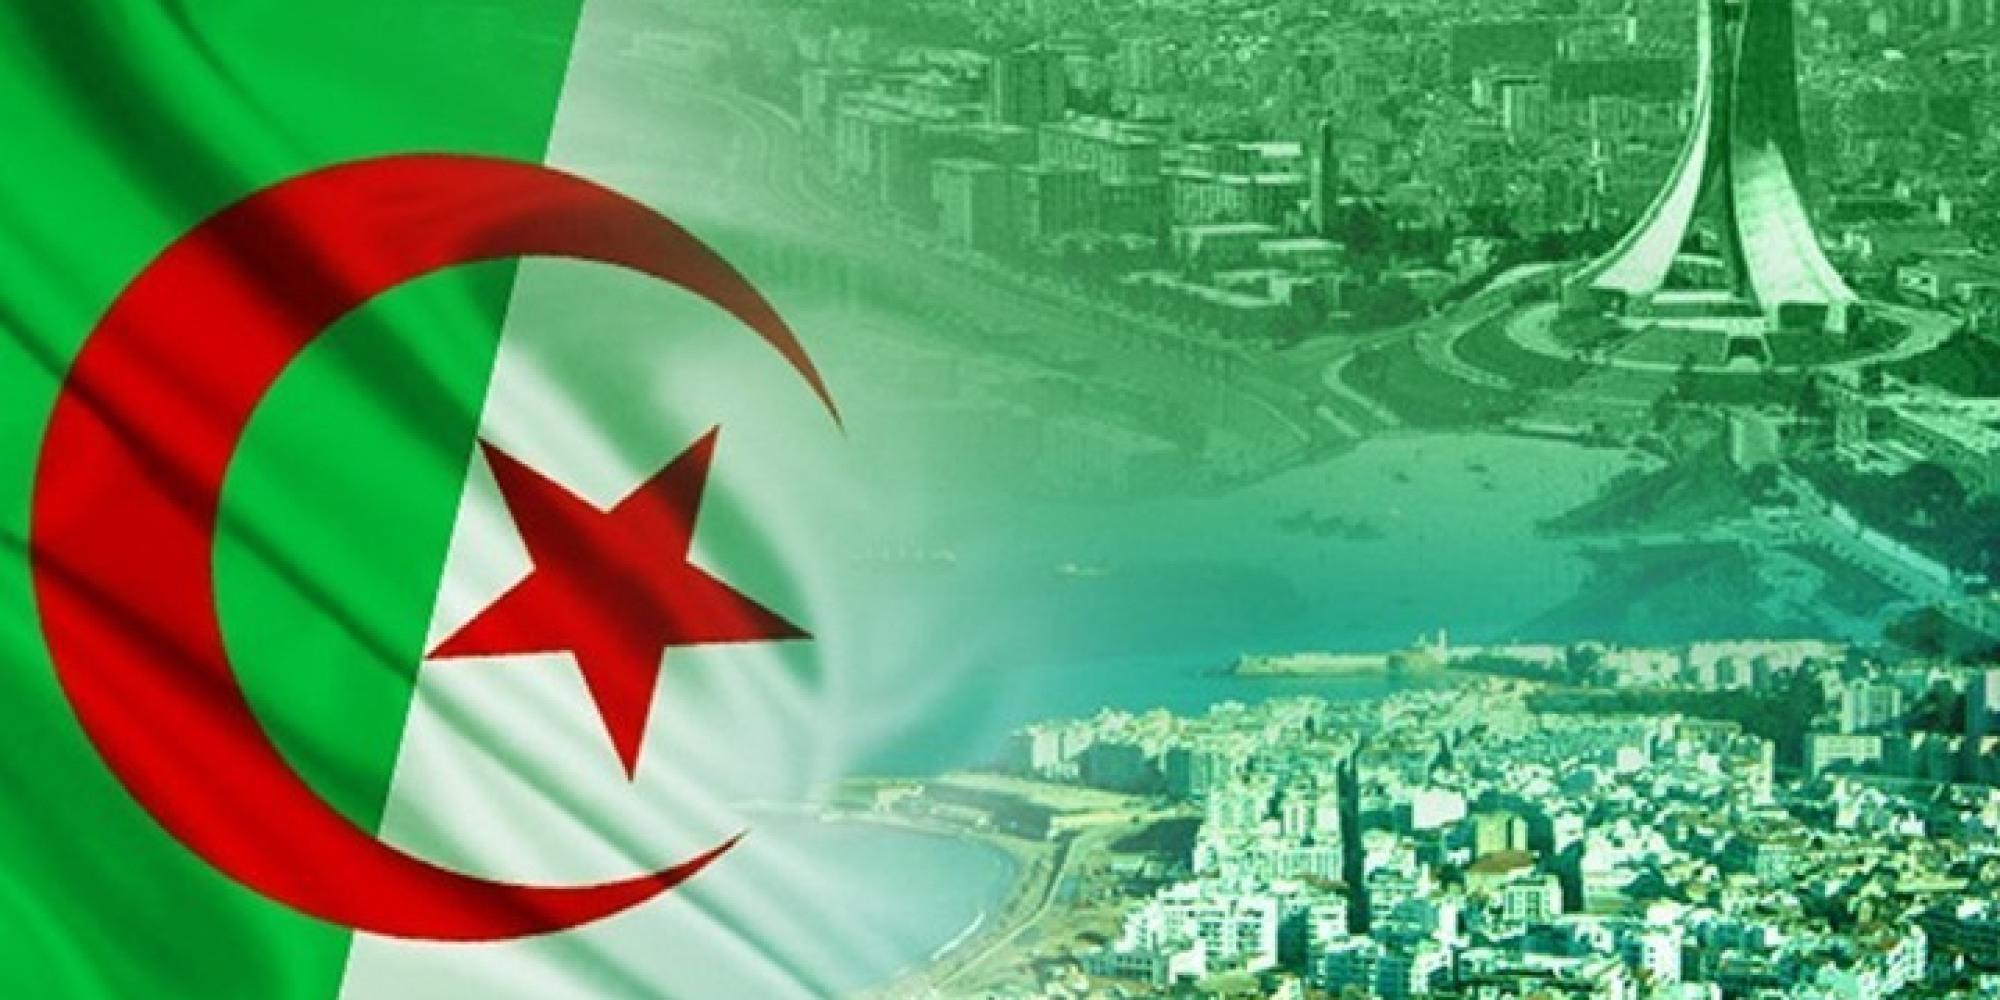 الجزائر تصدر قراراً بإطلاق 7 قنوات فضائية خاصة إحداها إخبارية.. والبث بالعربية والإمازيغية